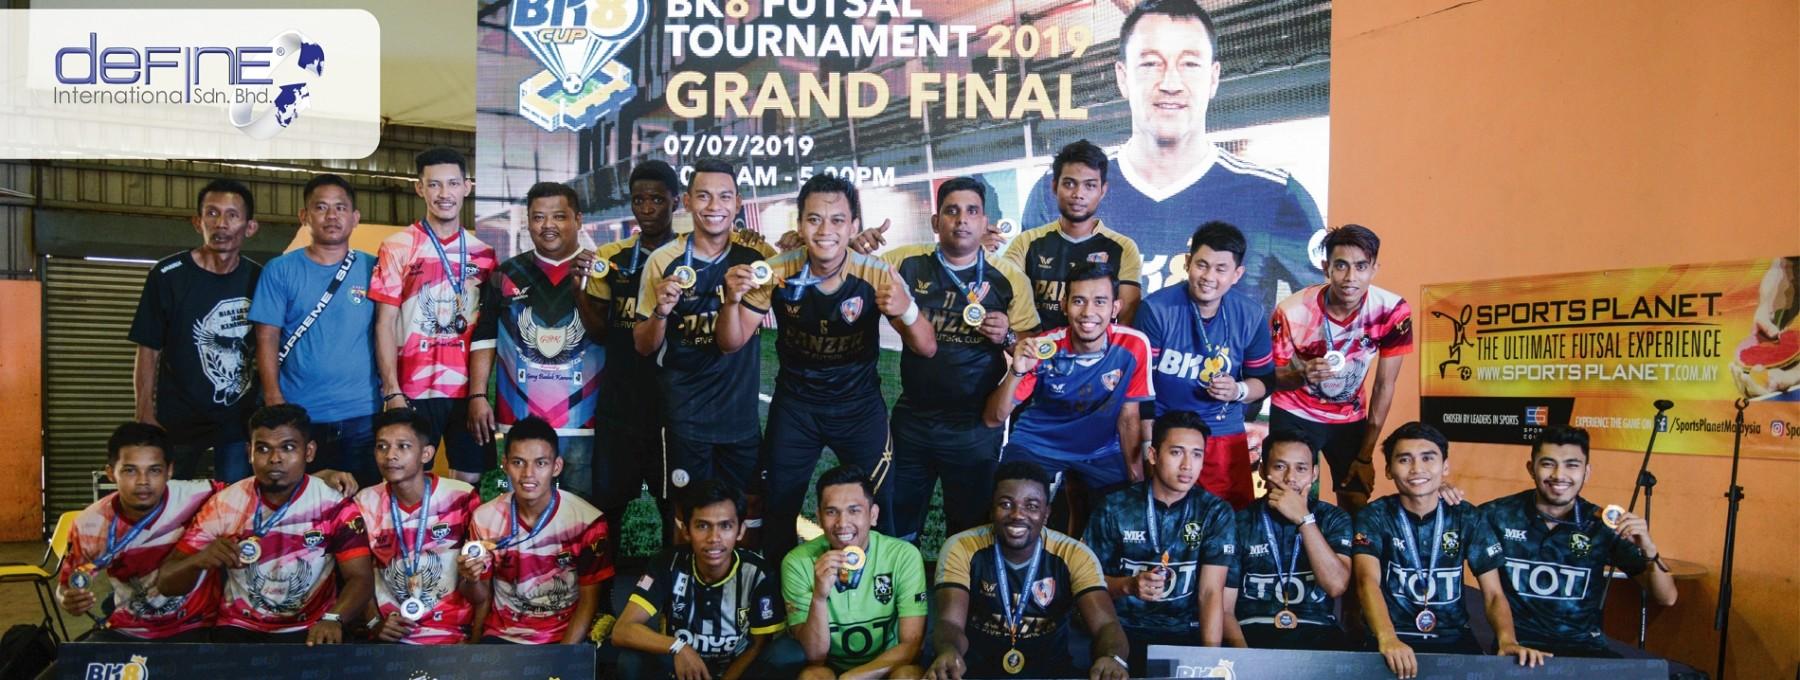 BK8 Futsal Tournament